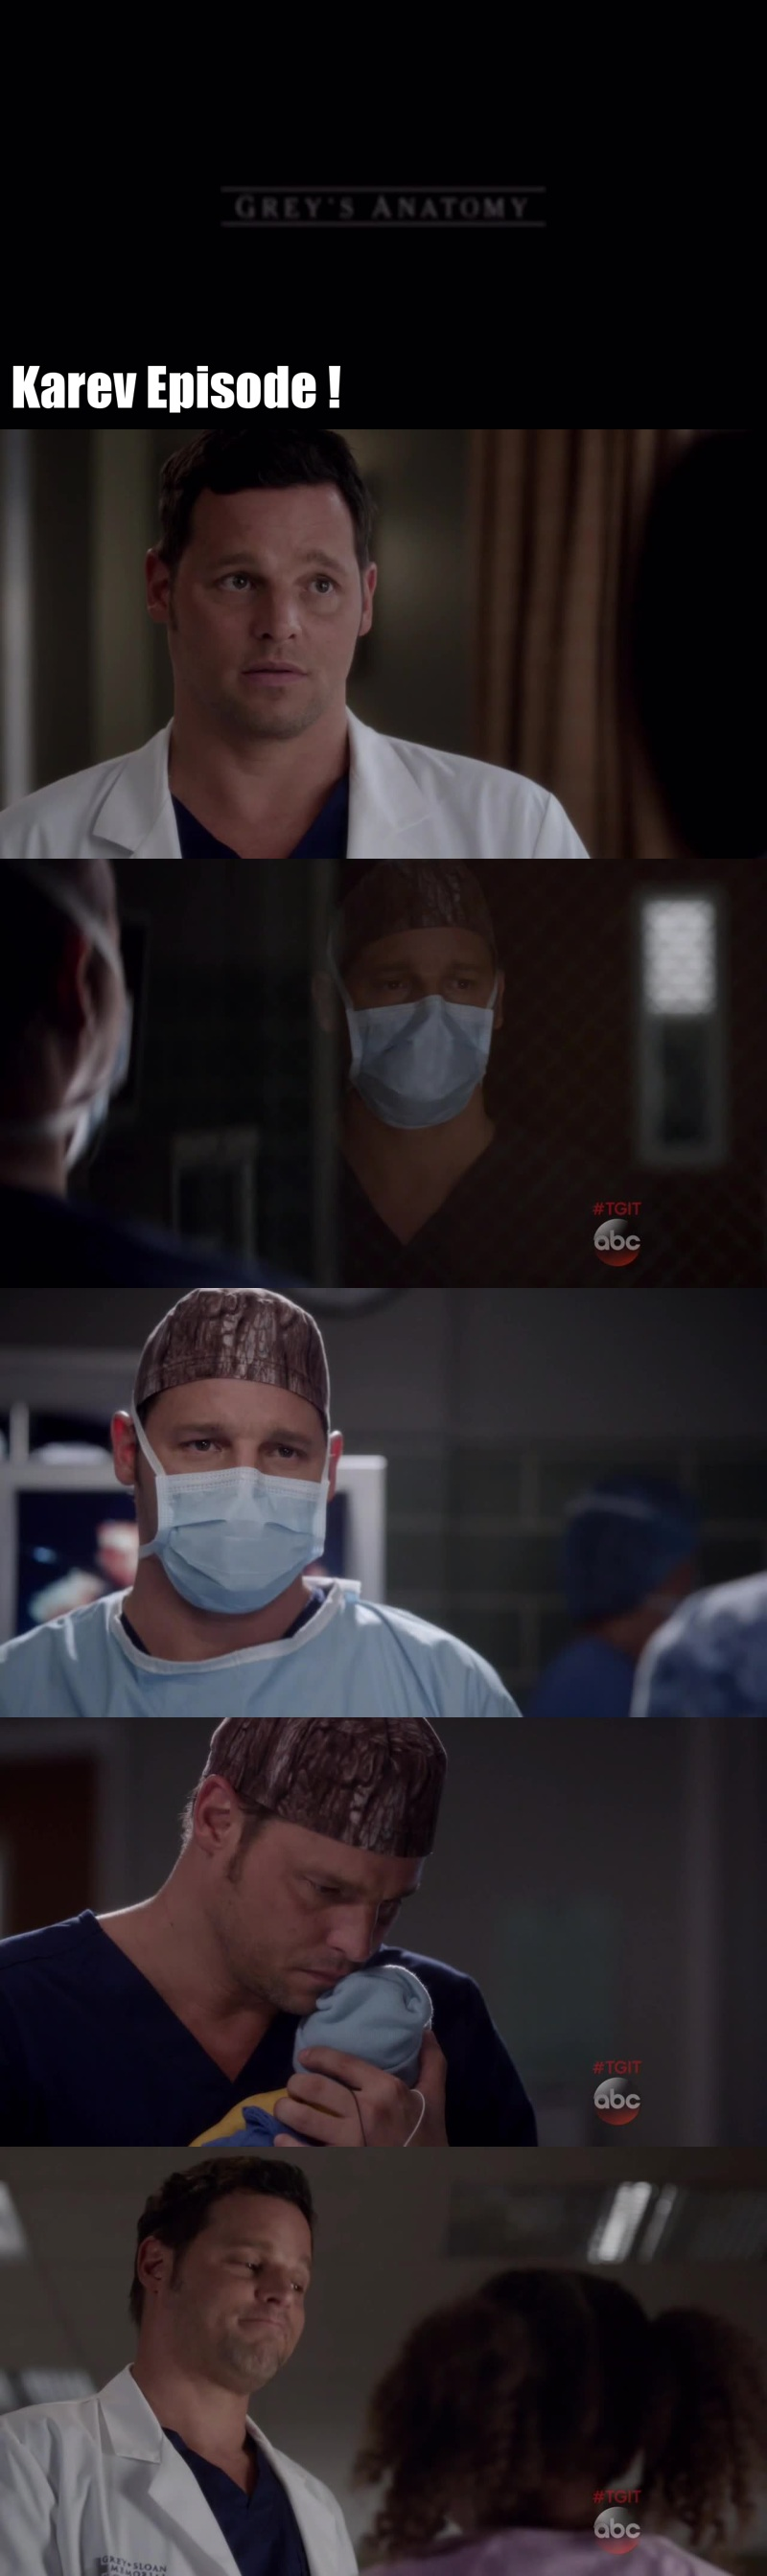 Karev Episode!